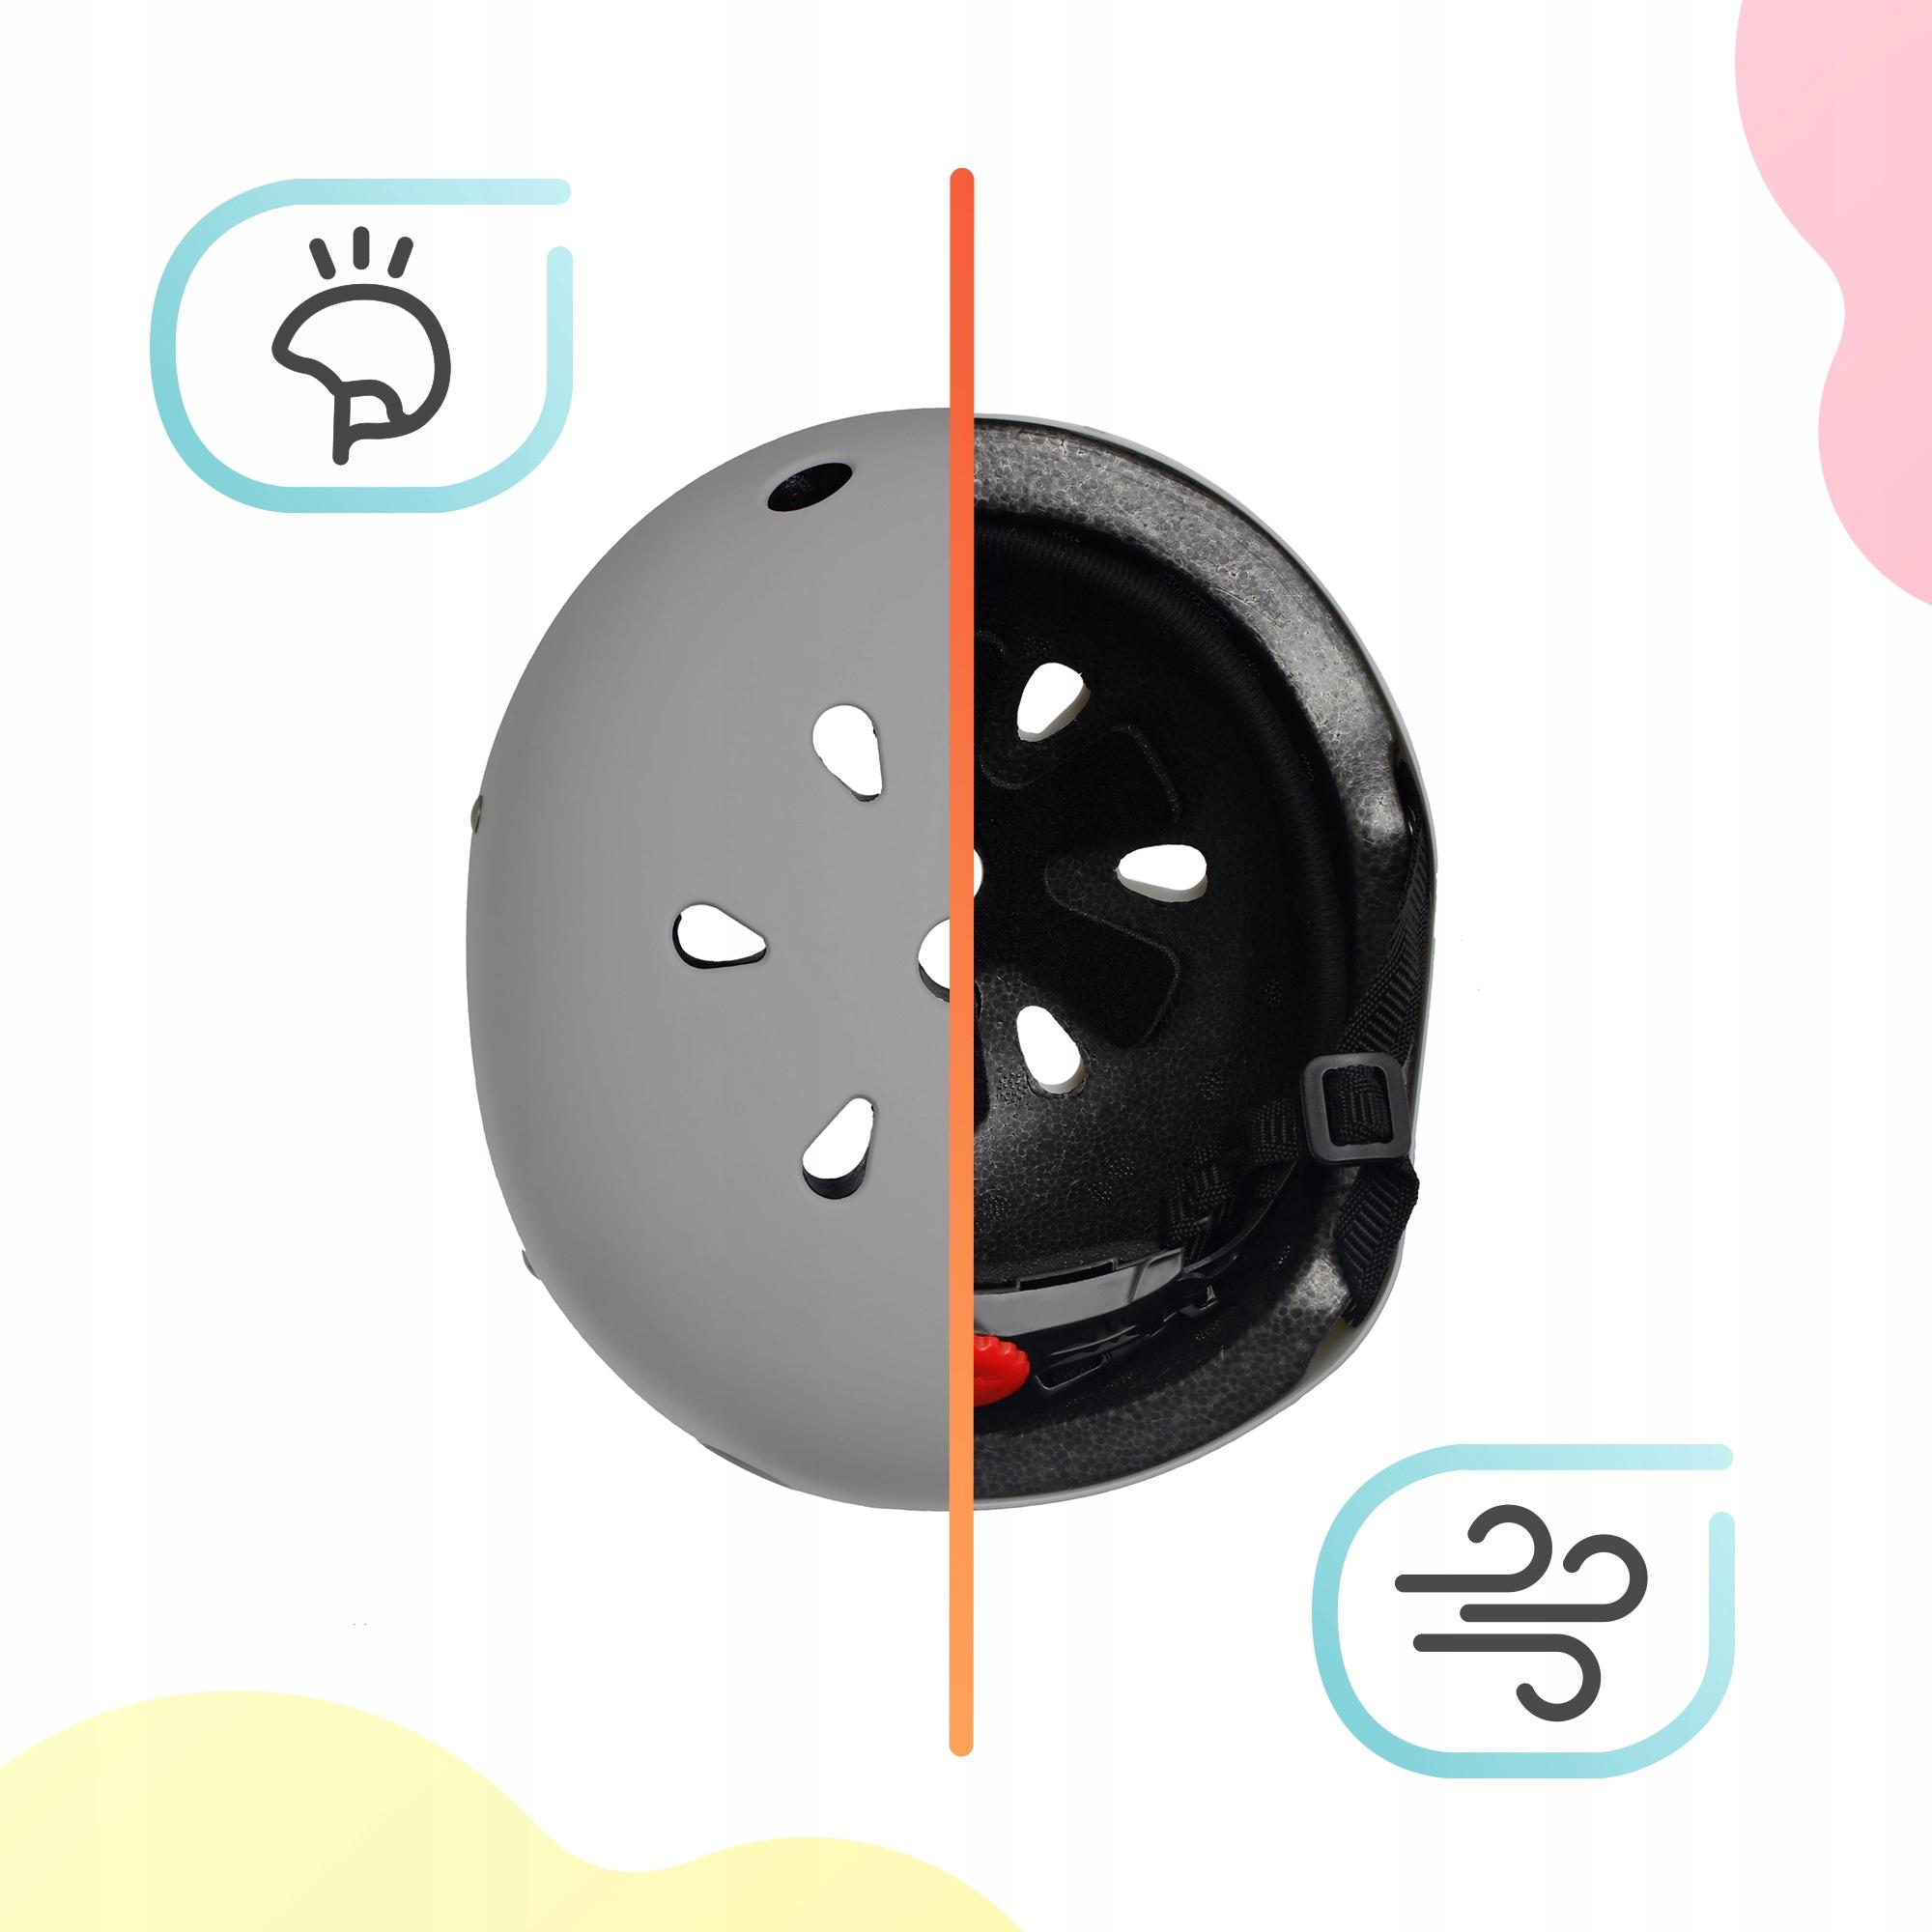 Kask rowerowy dziecięcy Kinderkraft SAFETY Waga produktu z opakowaniem jednostkowym 0.27 kg